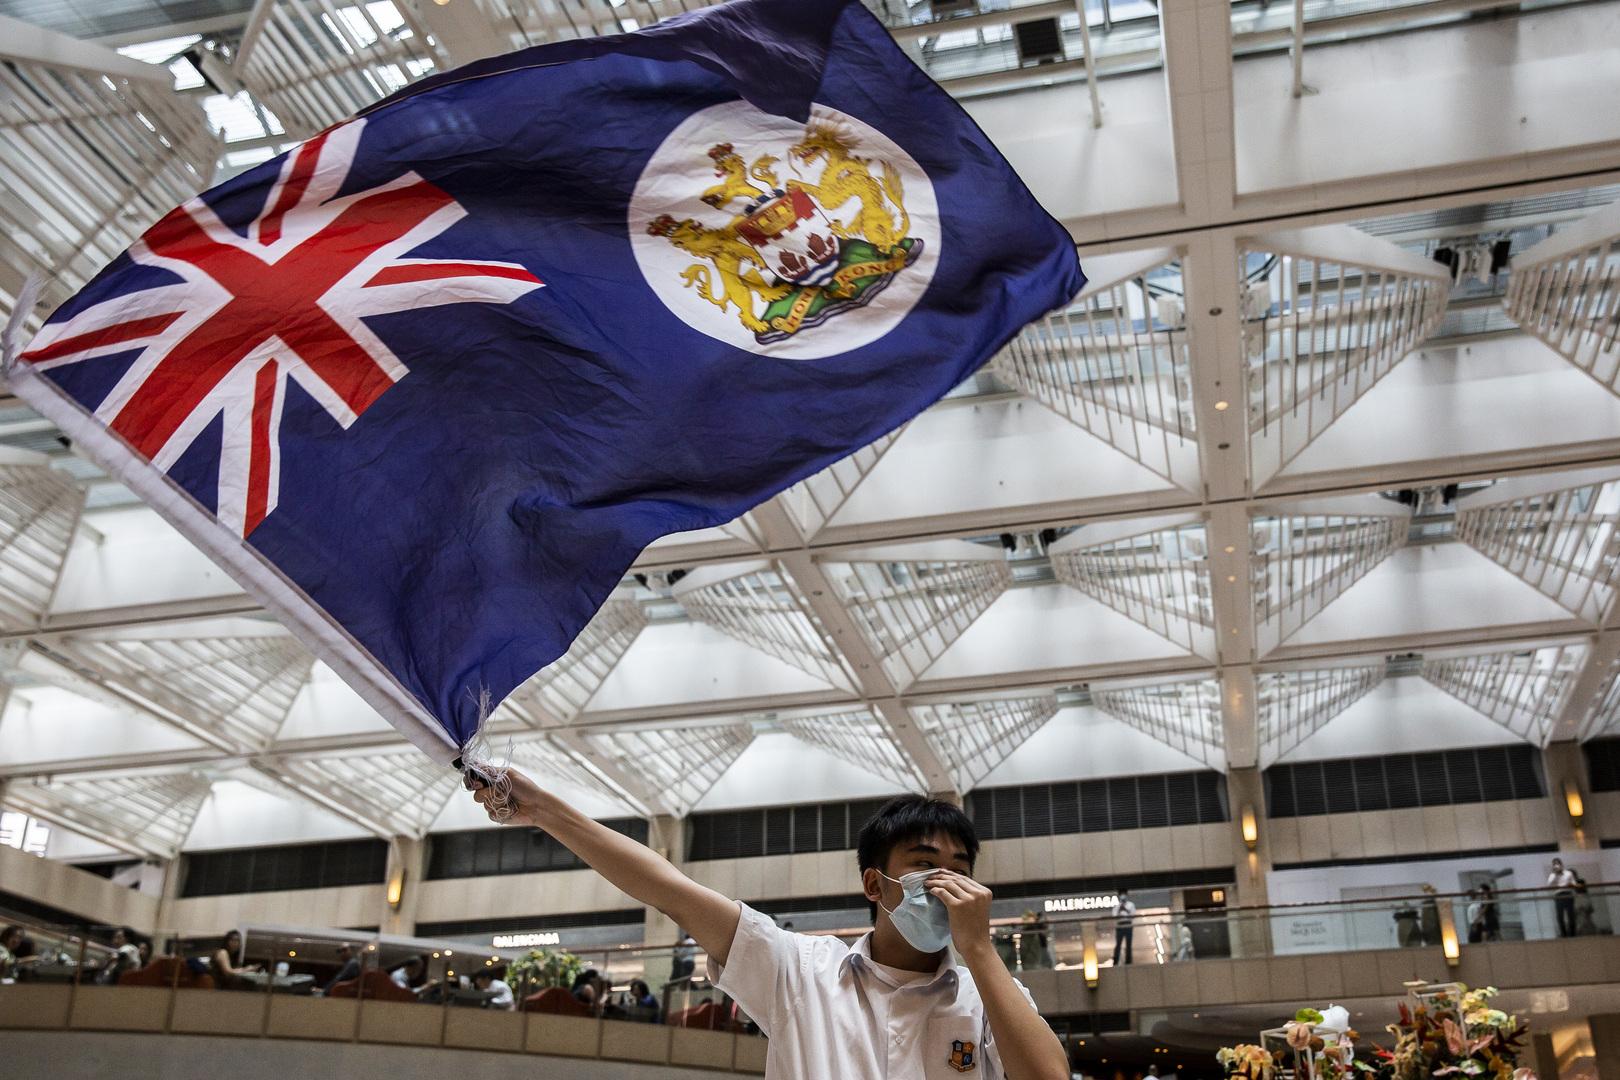 جونسون: بريطانيا ستغير قواعد الهجرة في حال تطبيق القانون الصيني على هونغ كونغ